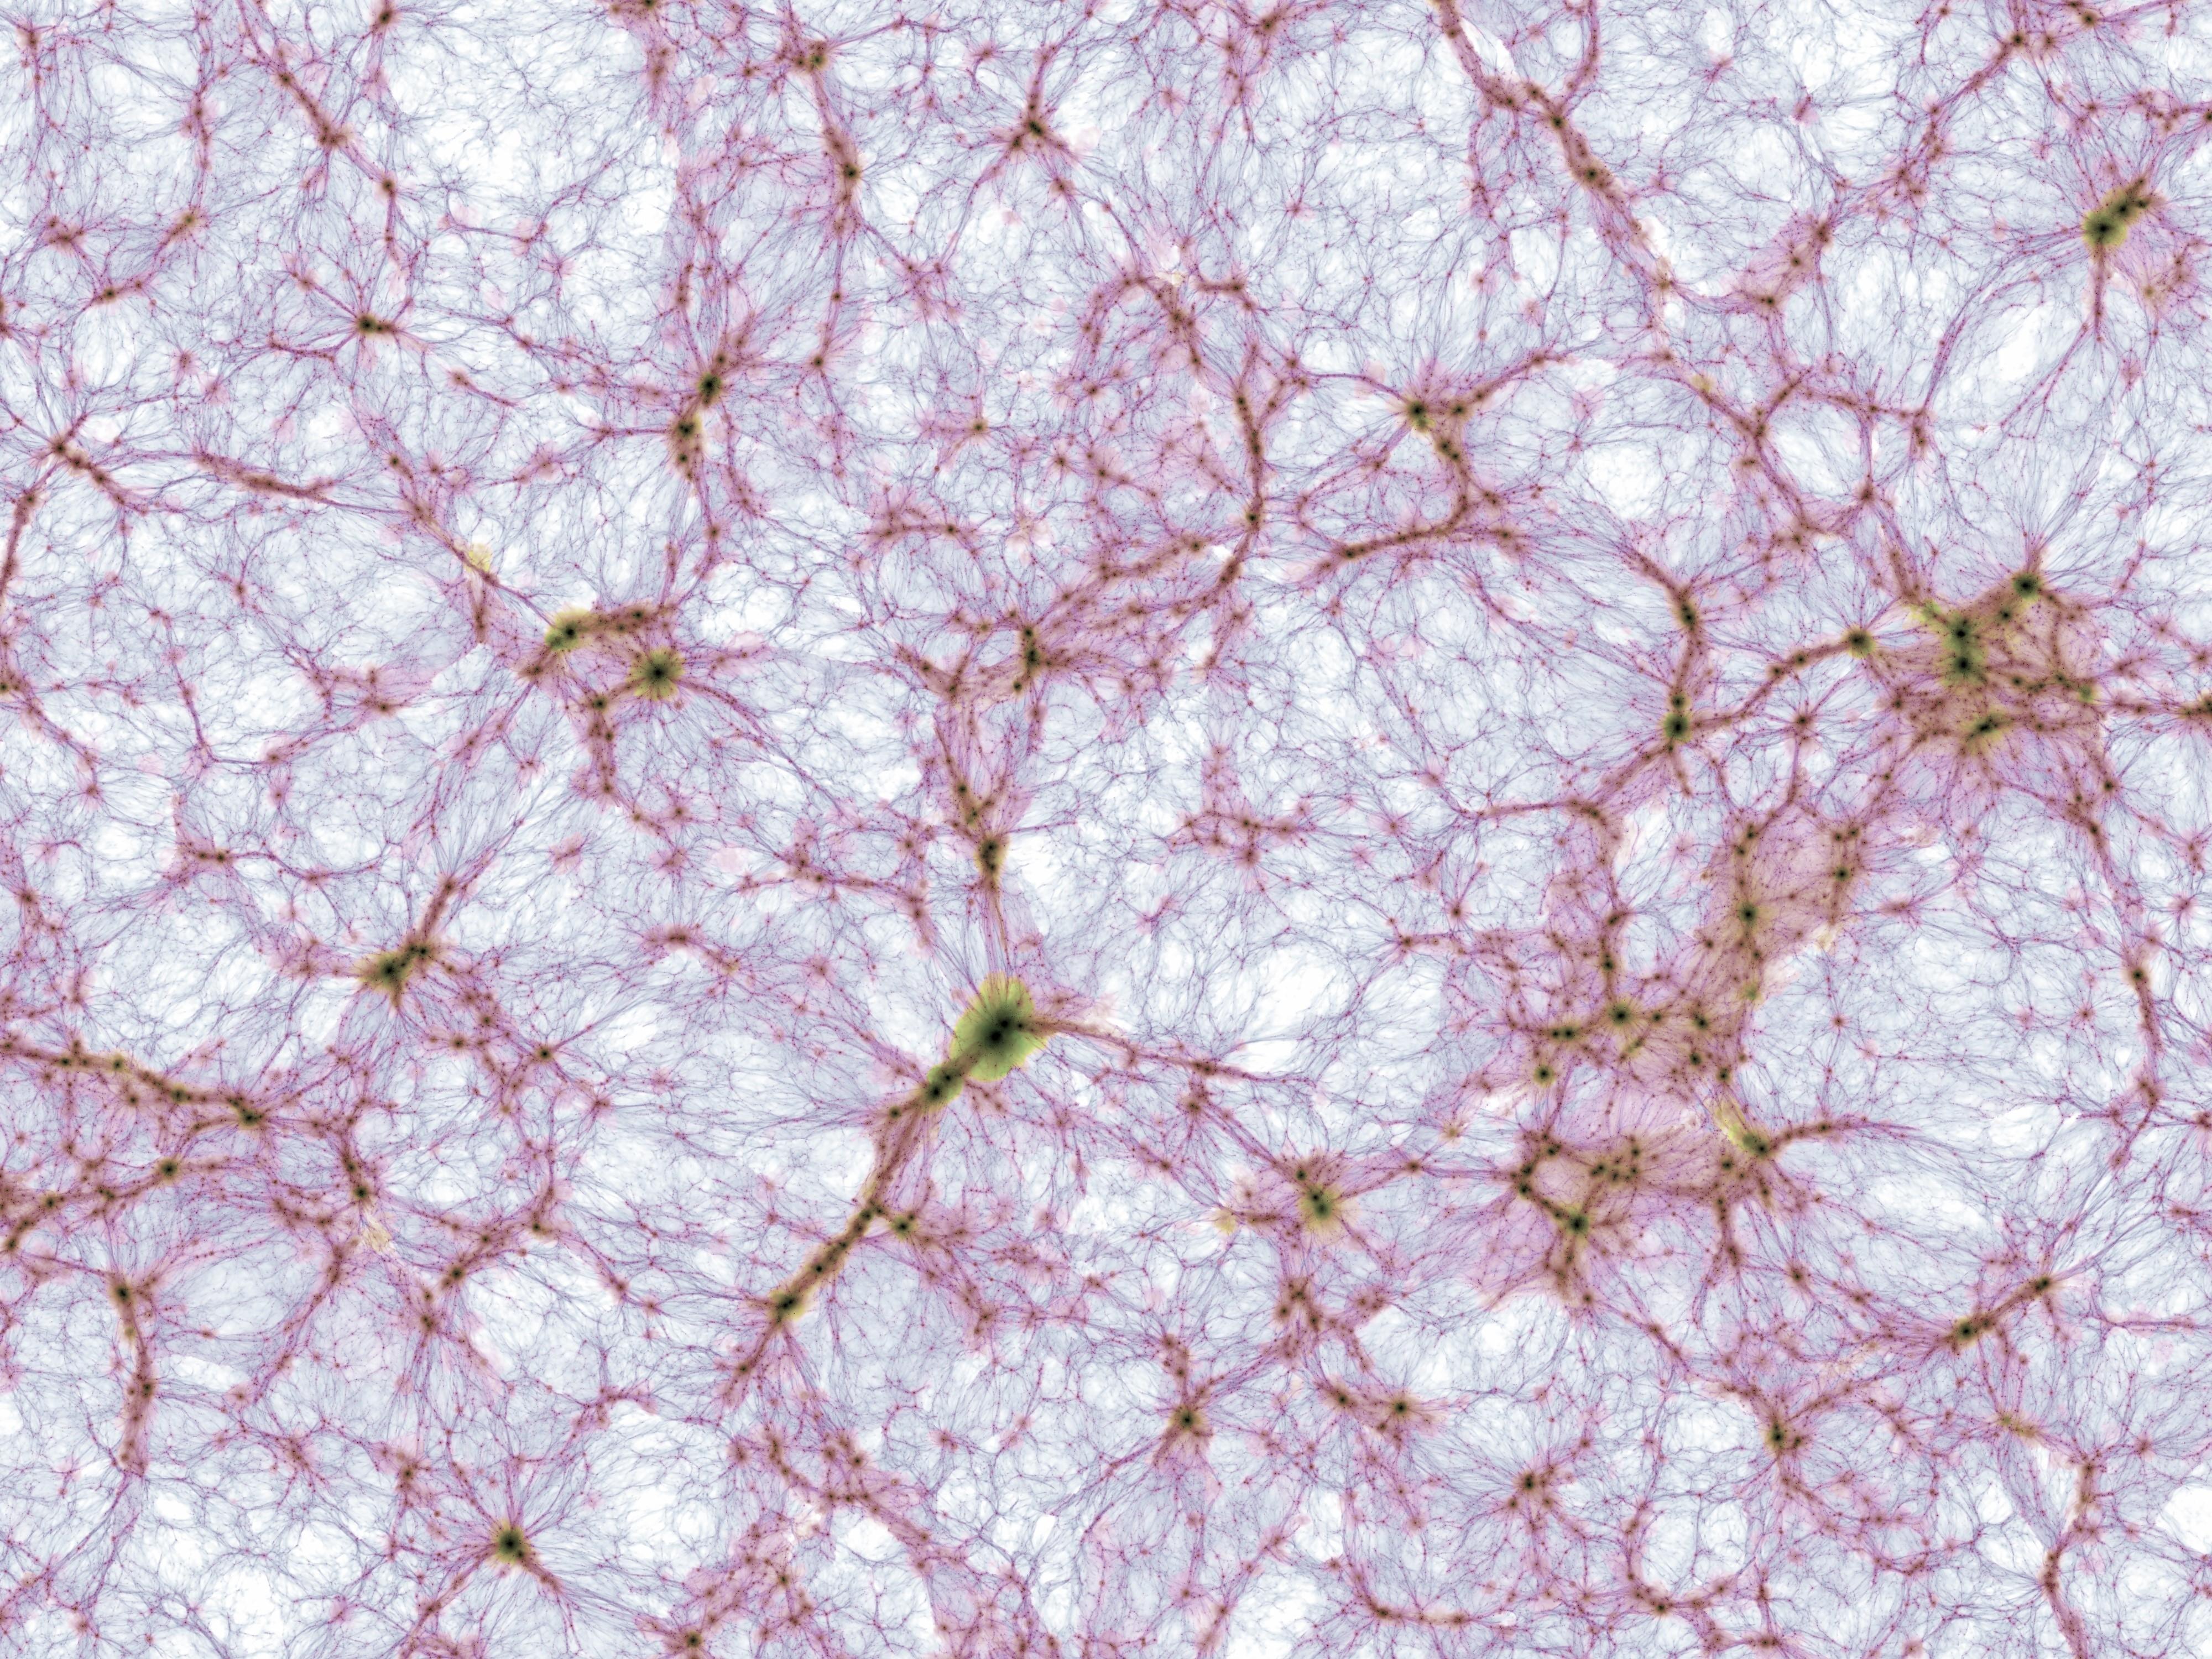 Dank deutschem Supercomputer: Bislang umfangreichste Simulation des Universums